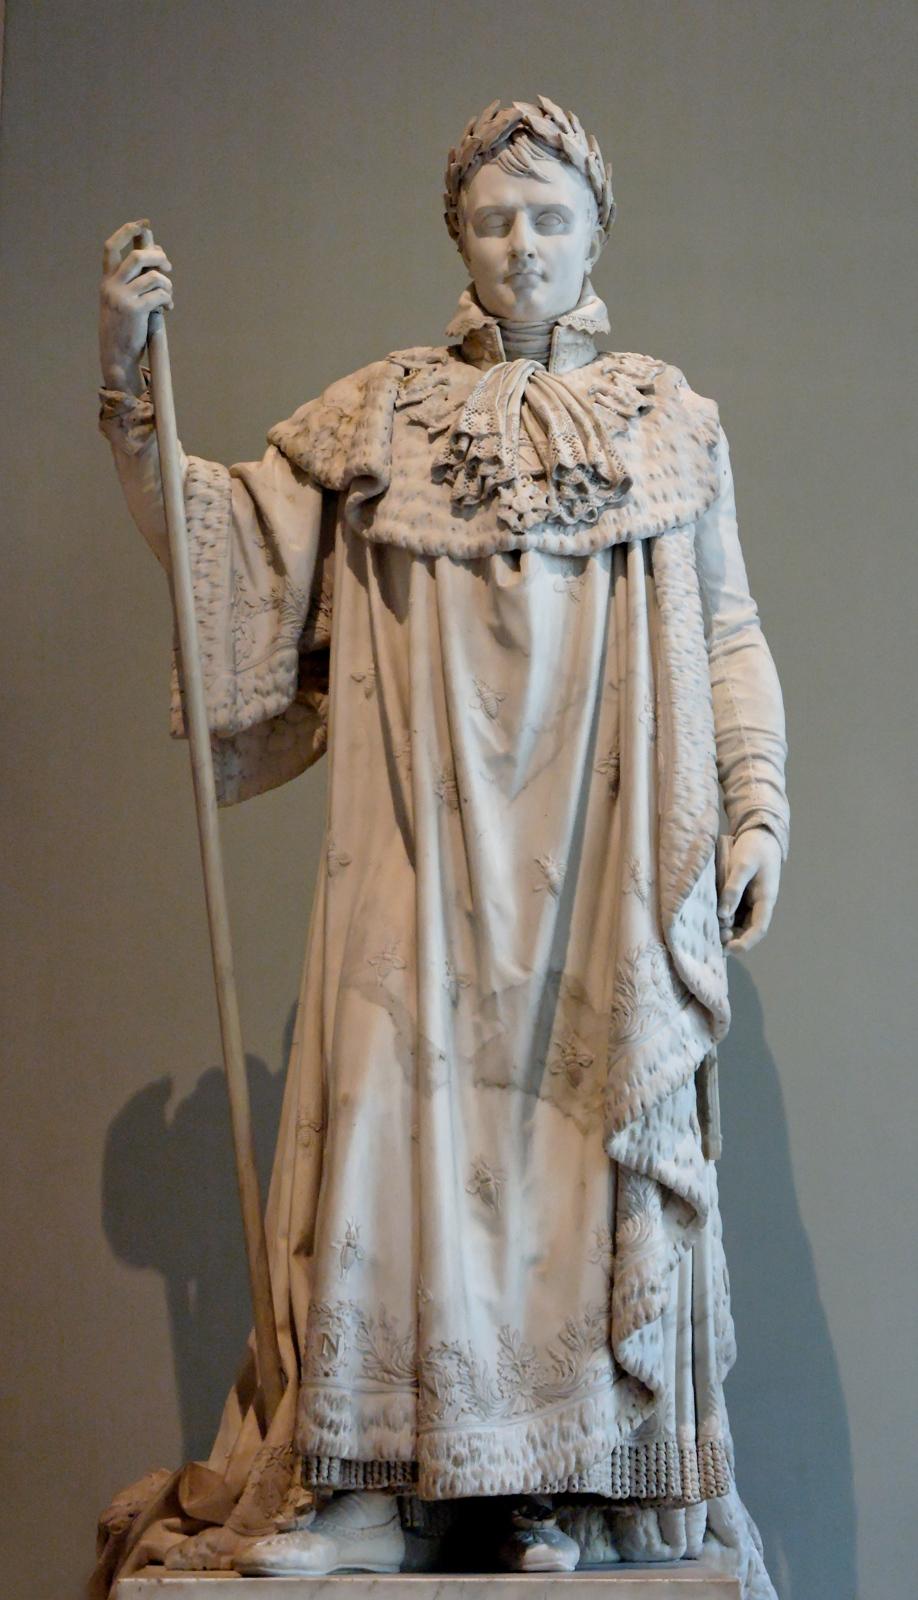 """1813, Marmorskulptur, Höhe 210 cm, Paris, Musée du Louvre, Inv.-Nr. LP 456, RF 1312. <br>Quelle: <a href=""""https://en.wikipedia.org/wiki/File:Napoleon_Ramey_Louvre_LP456.jpg"""">Marie-Lan Nguyen / Wikimedia Commons</a> <br>Lizenz: Public Domain"""